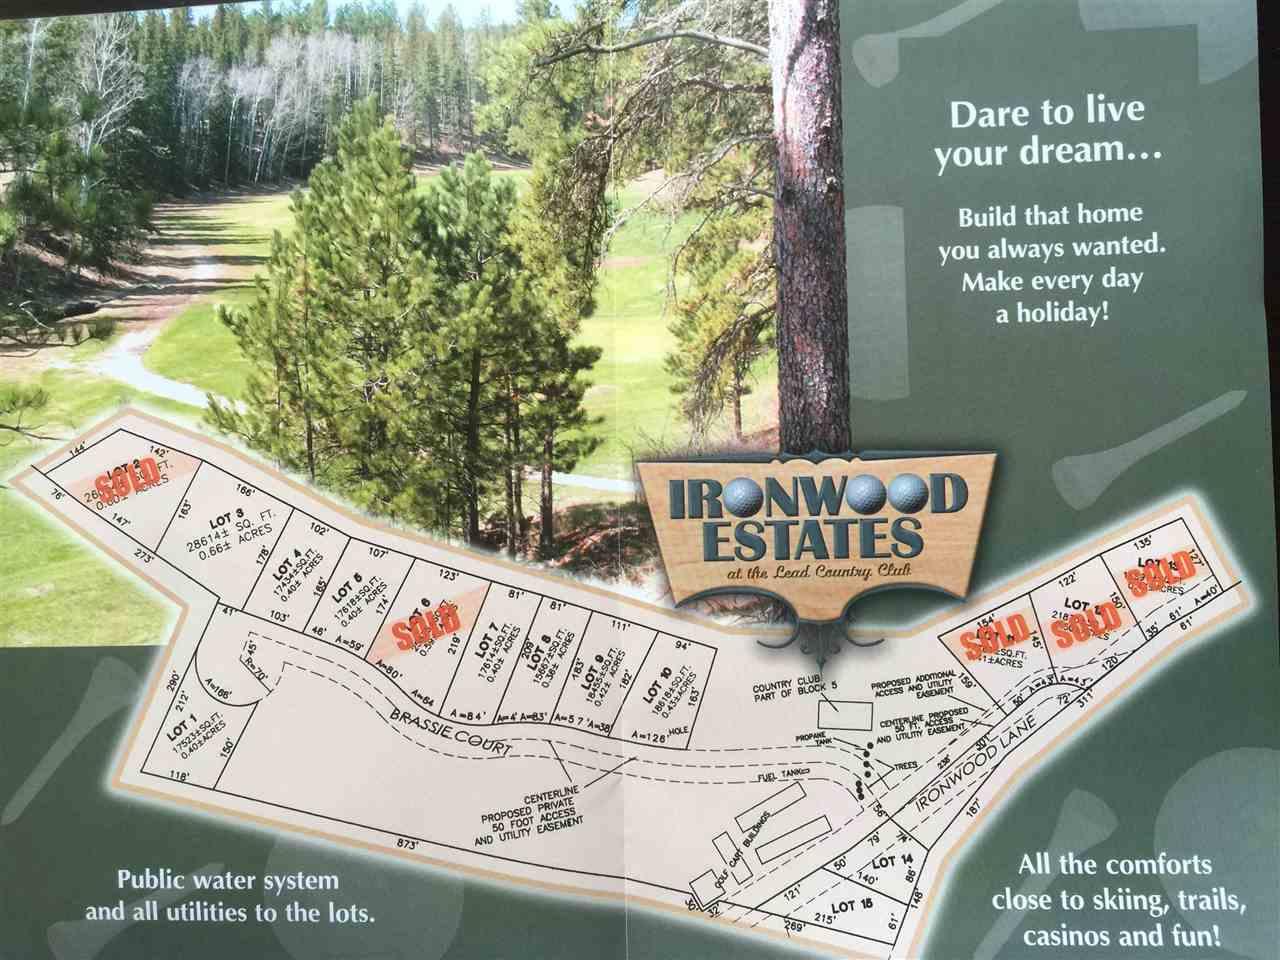 Lot 18 Ironwood Estates